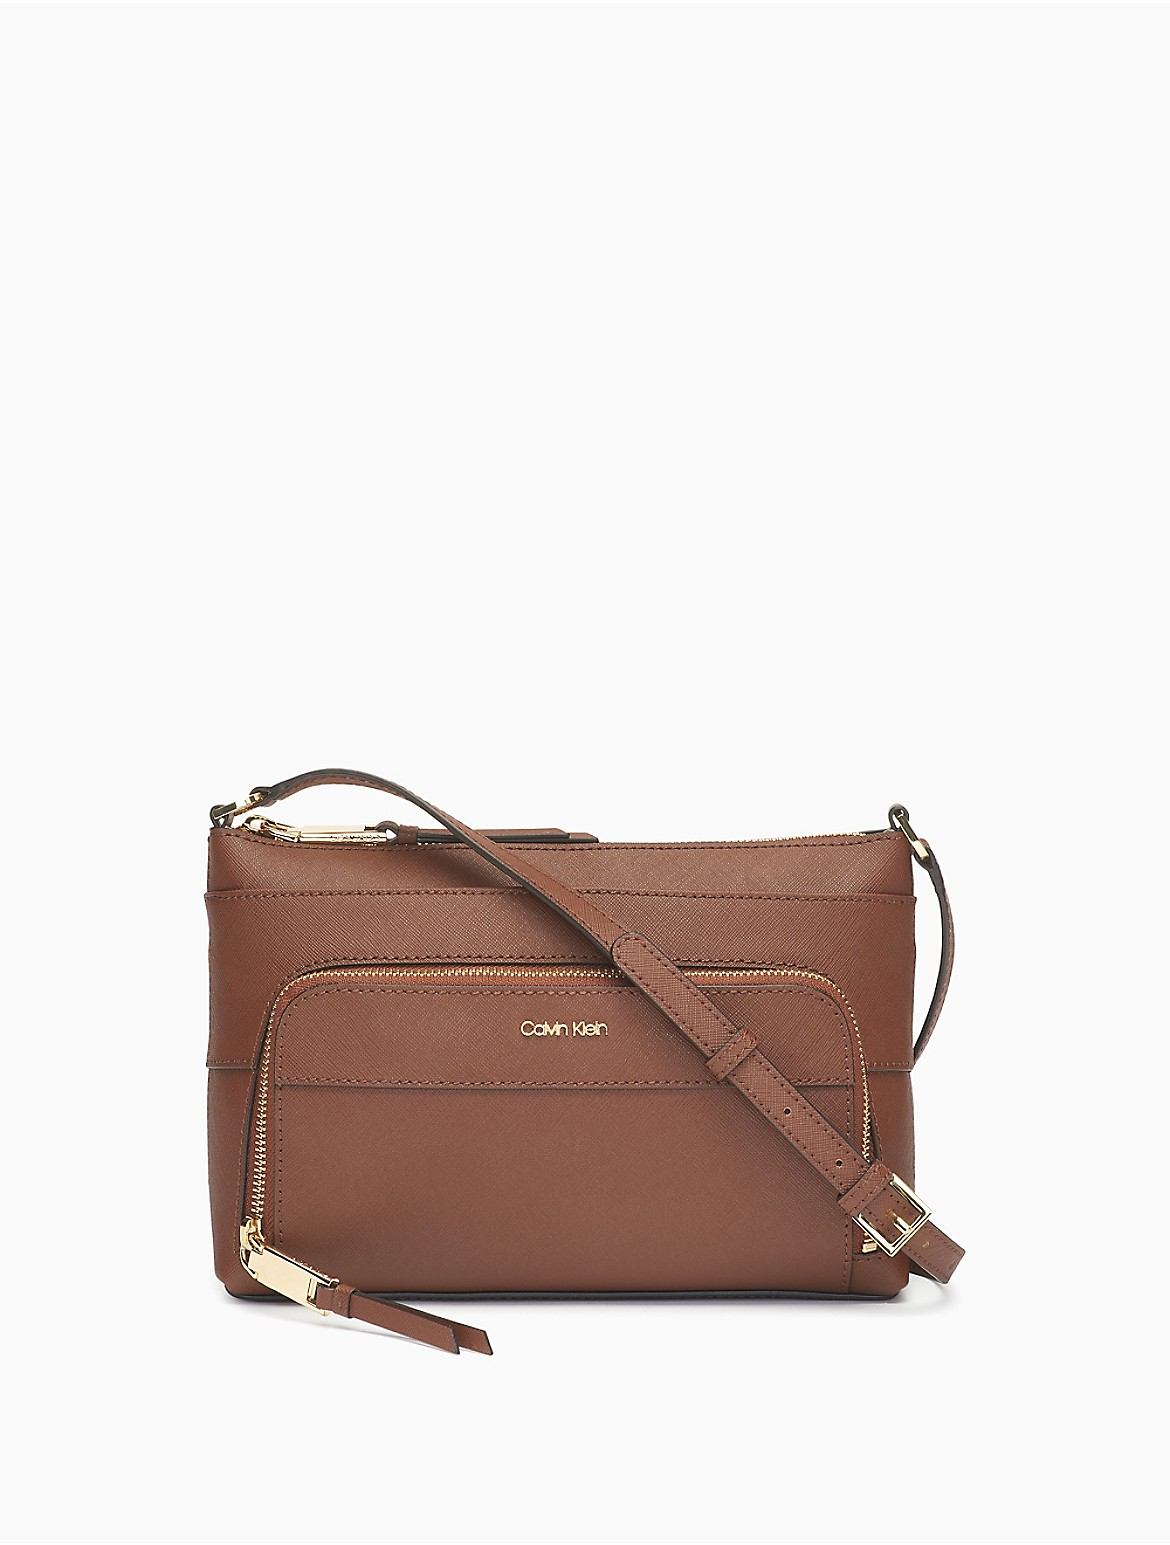 e1017c7a24fa leather crossbody bag